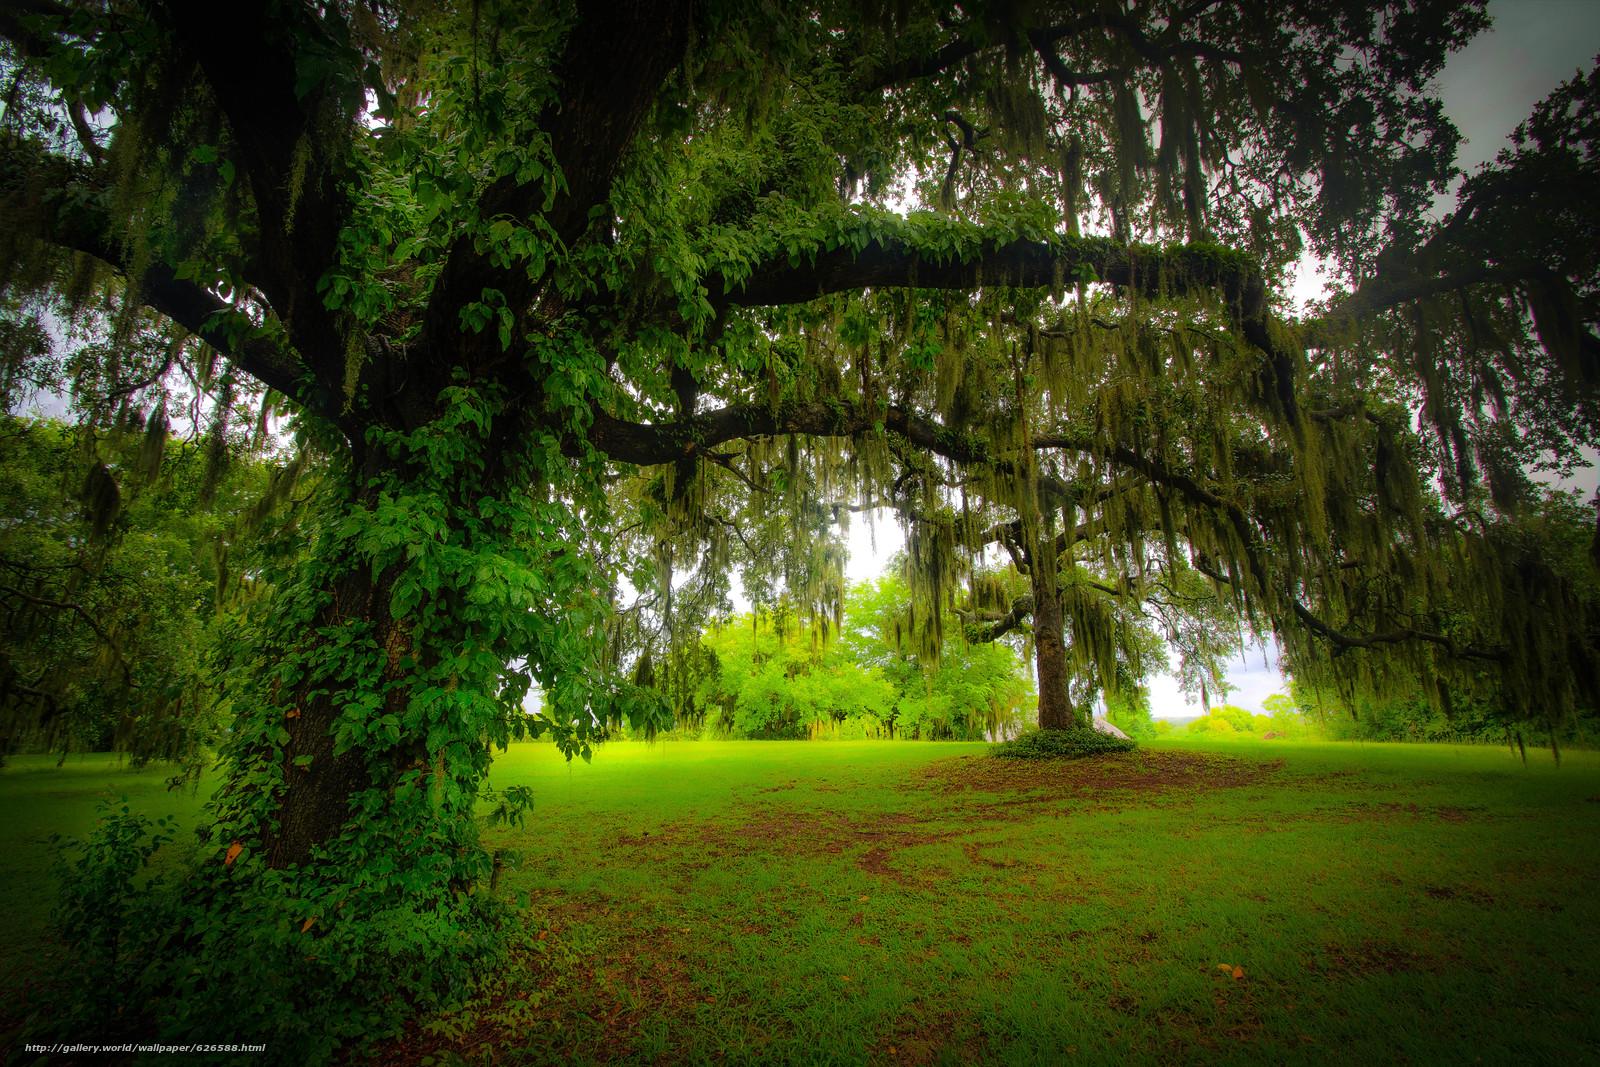 下载壁纸 林间空地,  树,  性质 免费为您的桌面分辨率的壁纸 5183x3455 — 图片 №626588